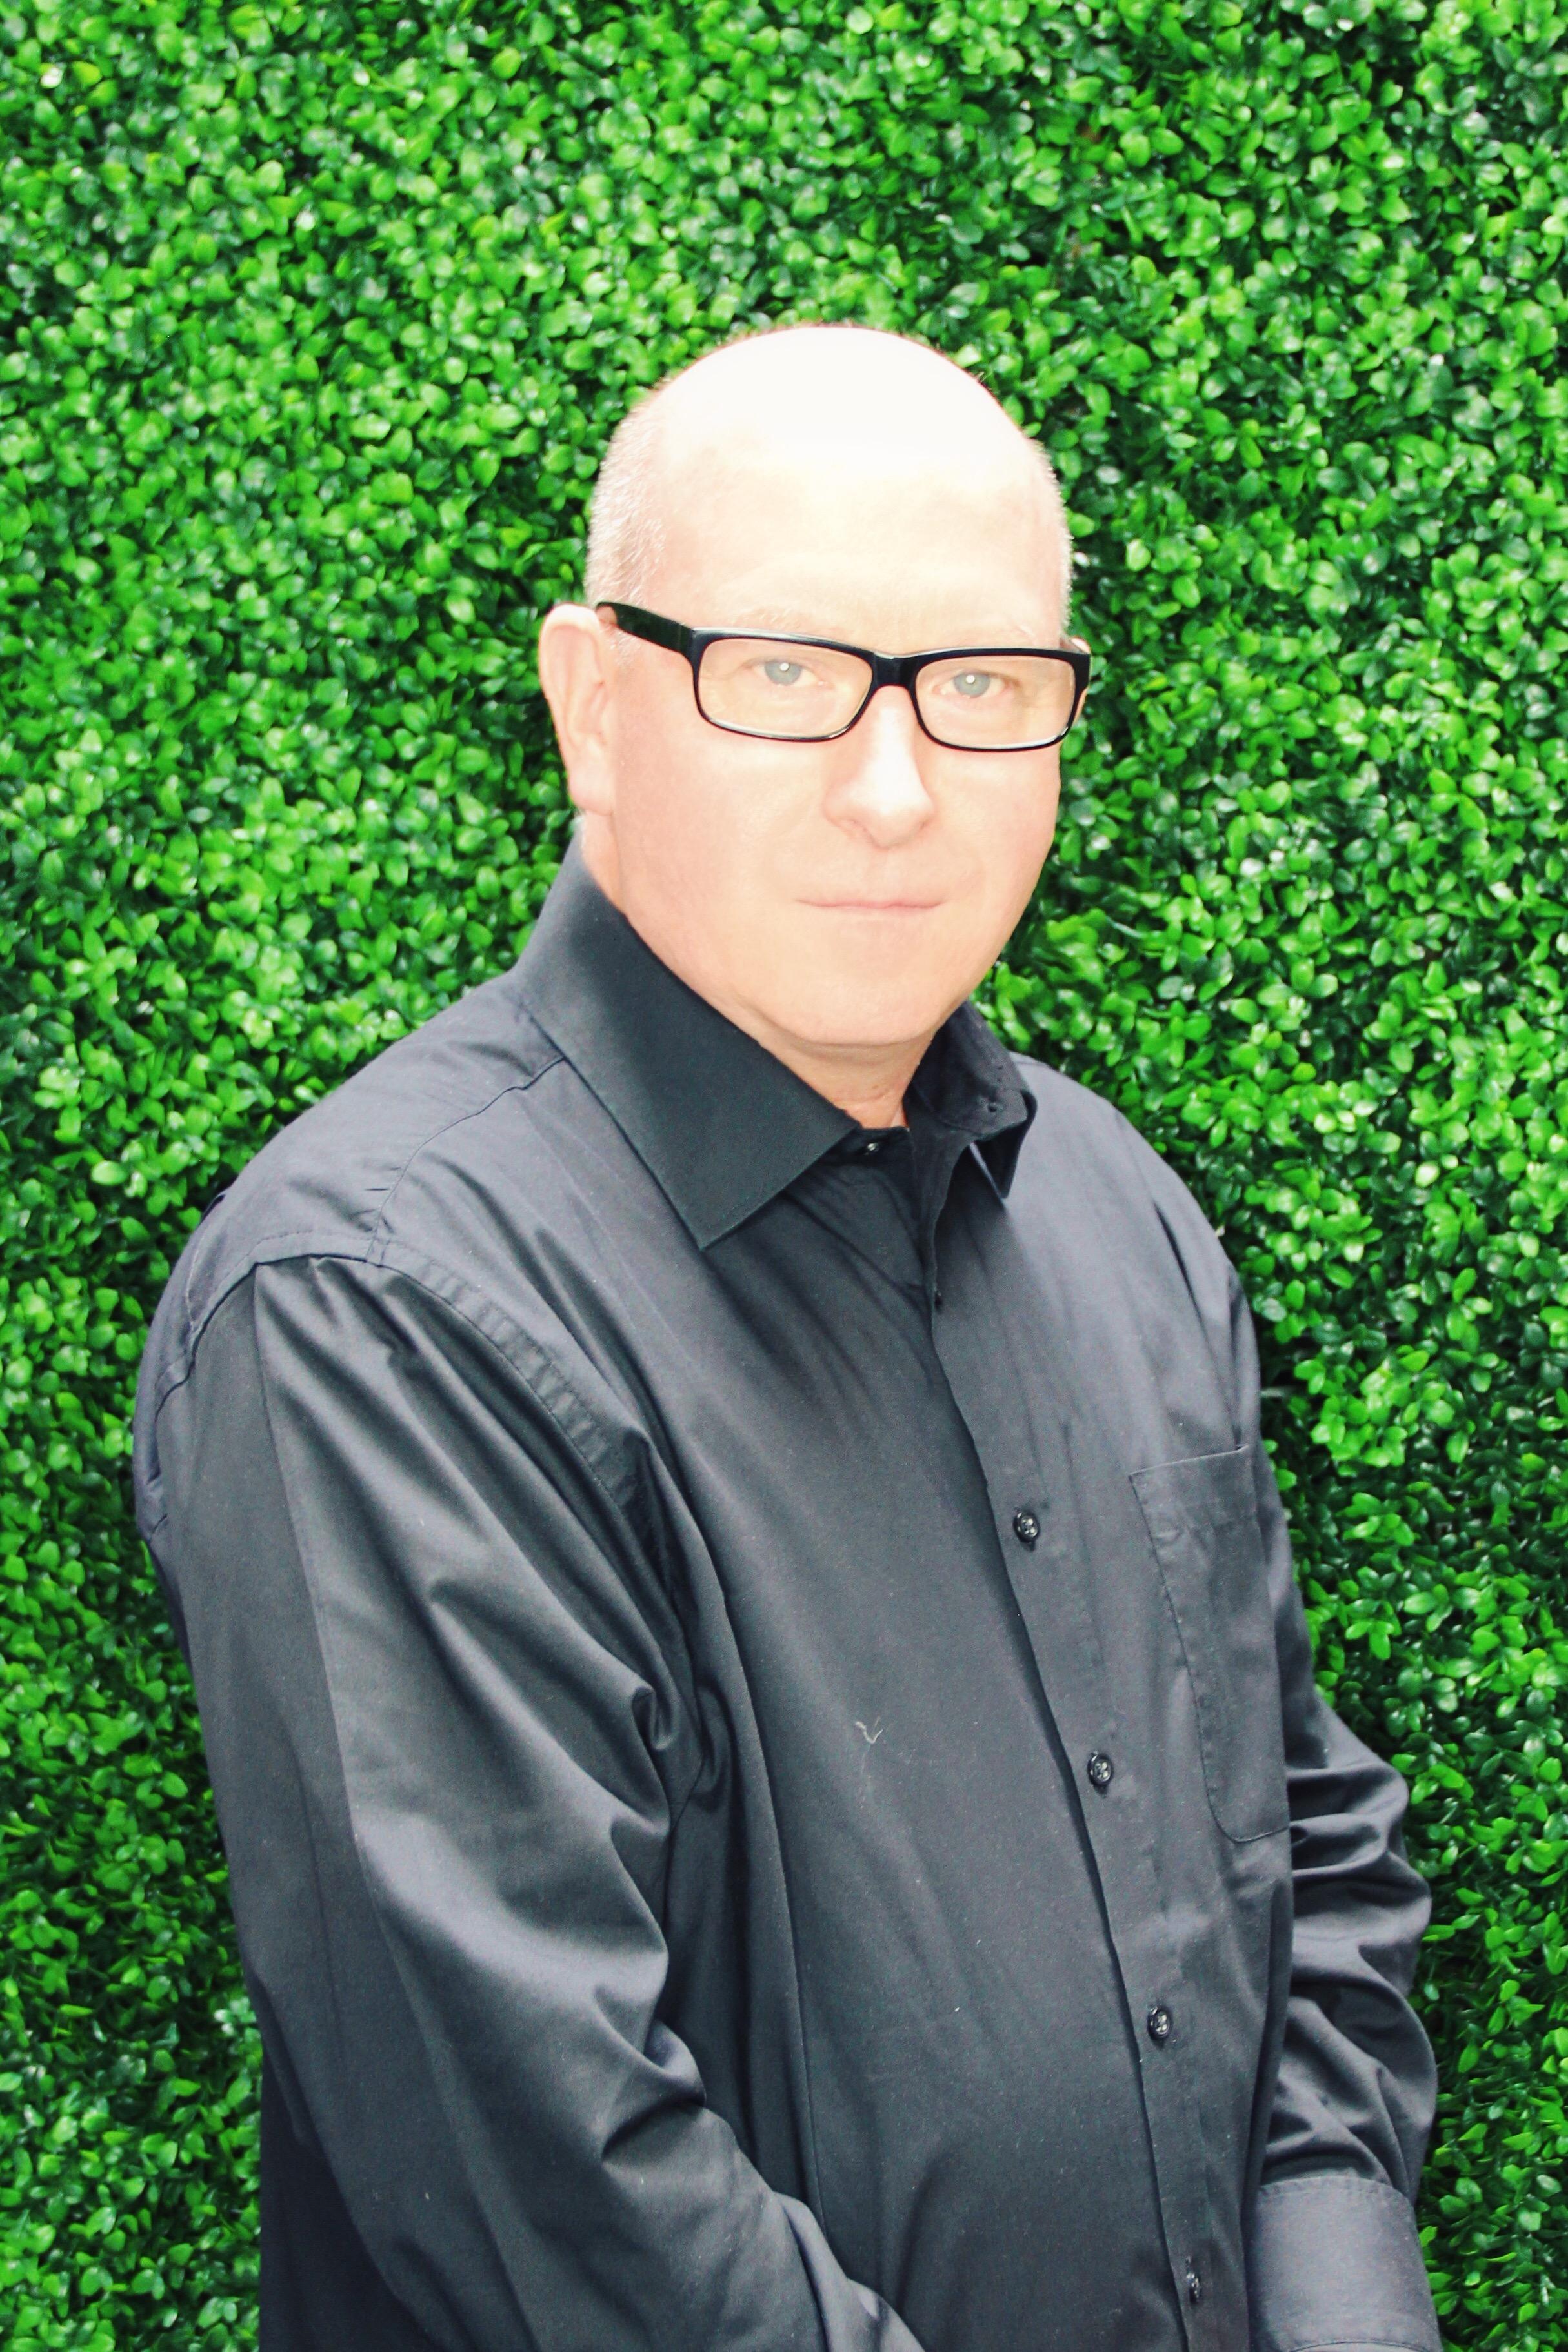 Billi Currie